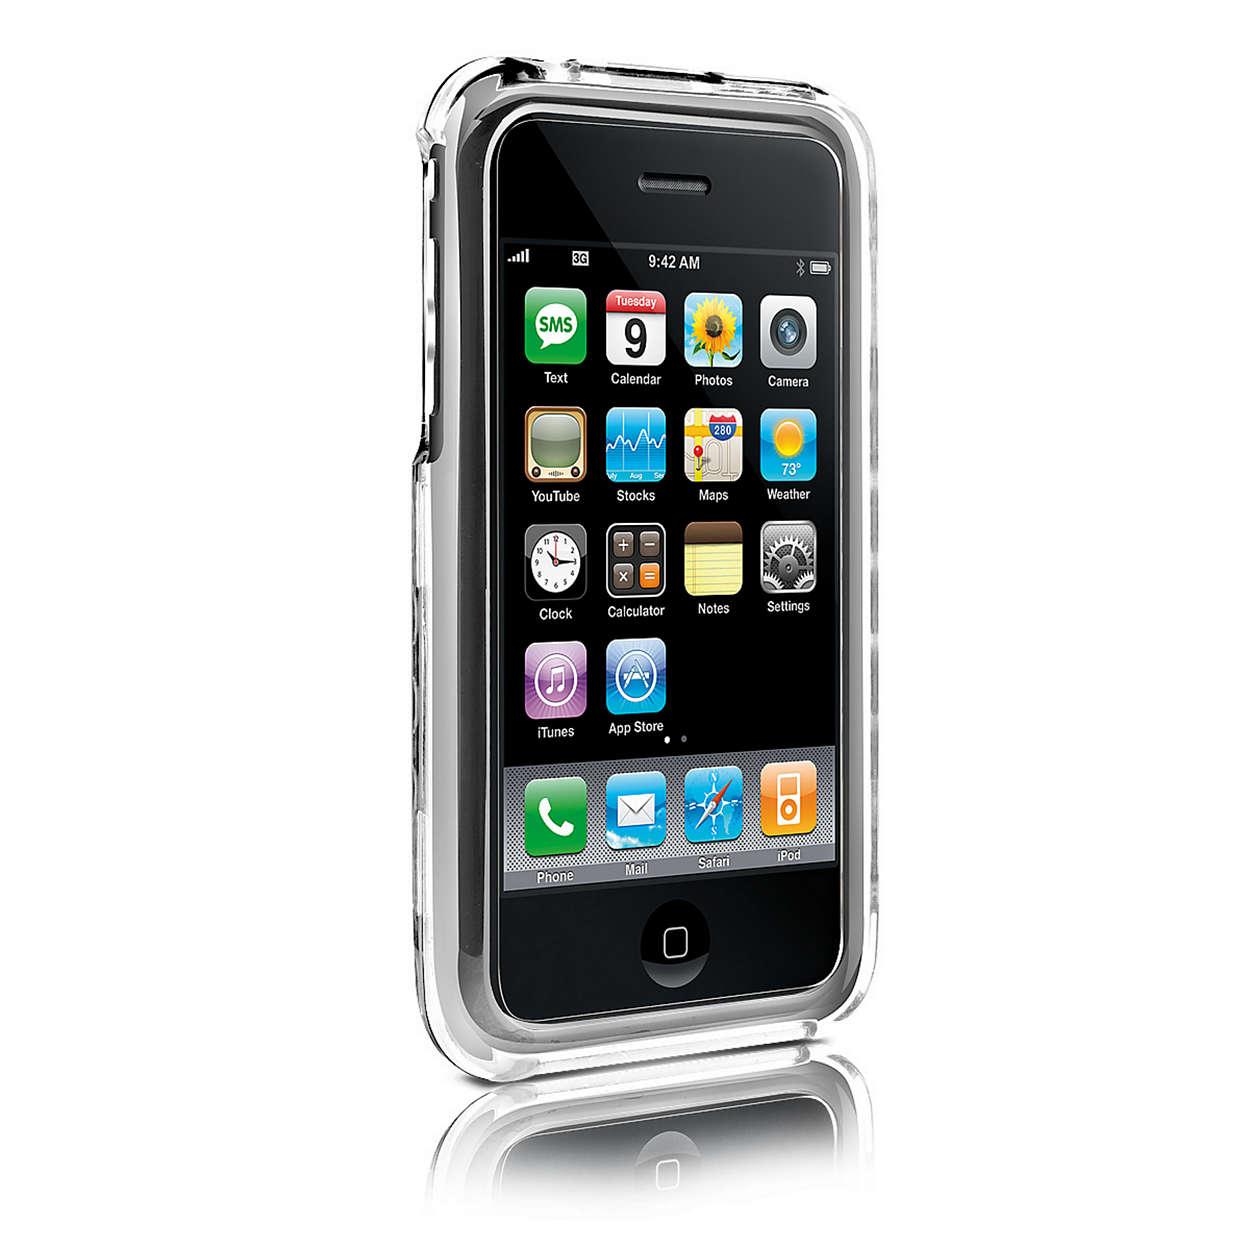 Προστατέψτε το iPhone με ένα διαφανές περίβλημα